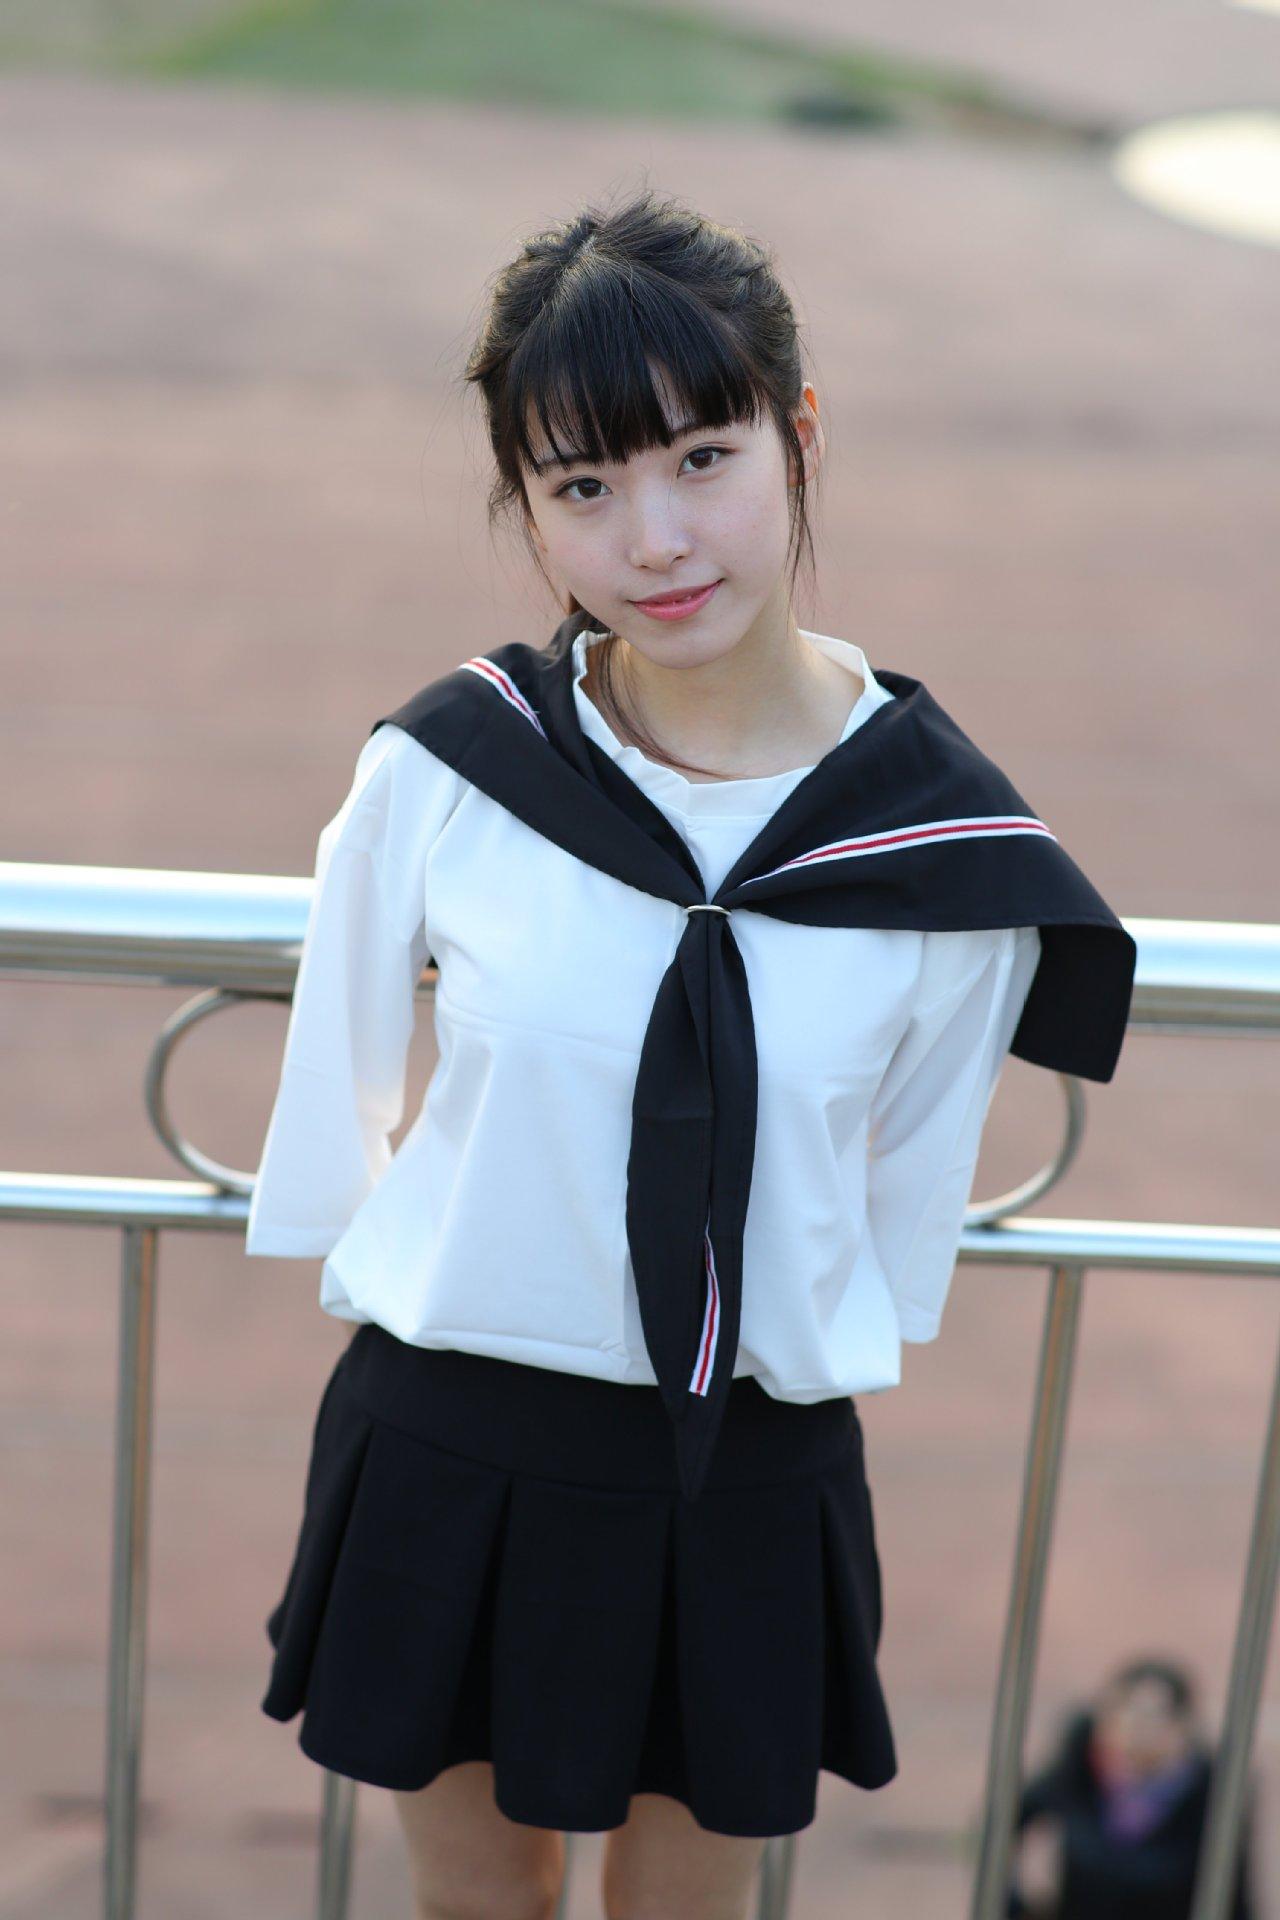 躺jk9b*y.��,~K�_日本水手服套装 jk学生校服制服 cos舞蹈演出服装女情趣性感y